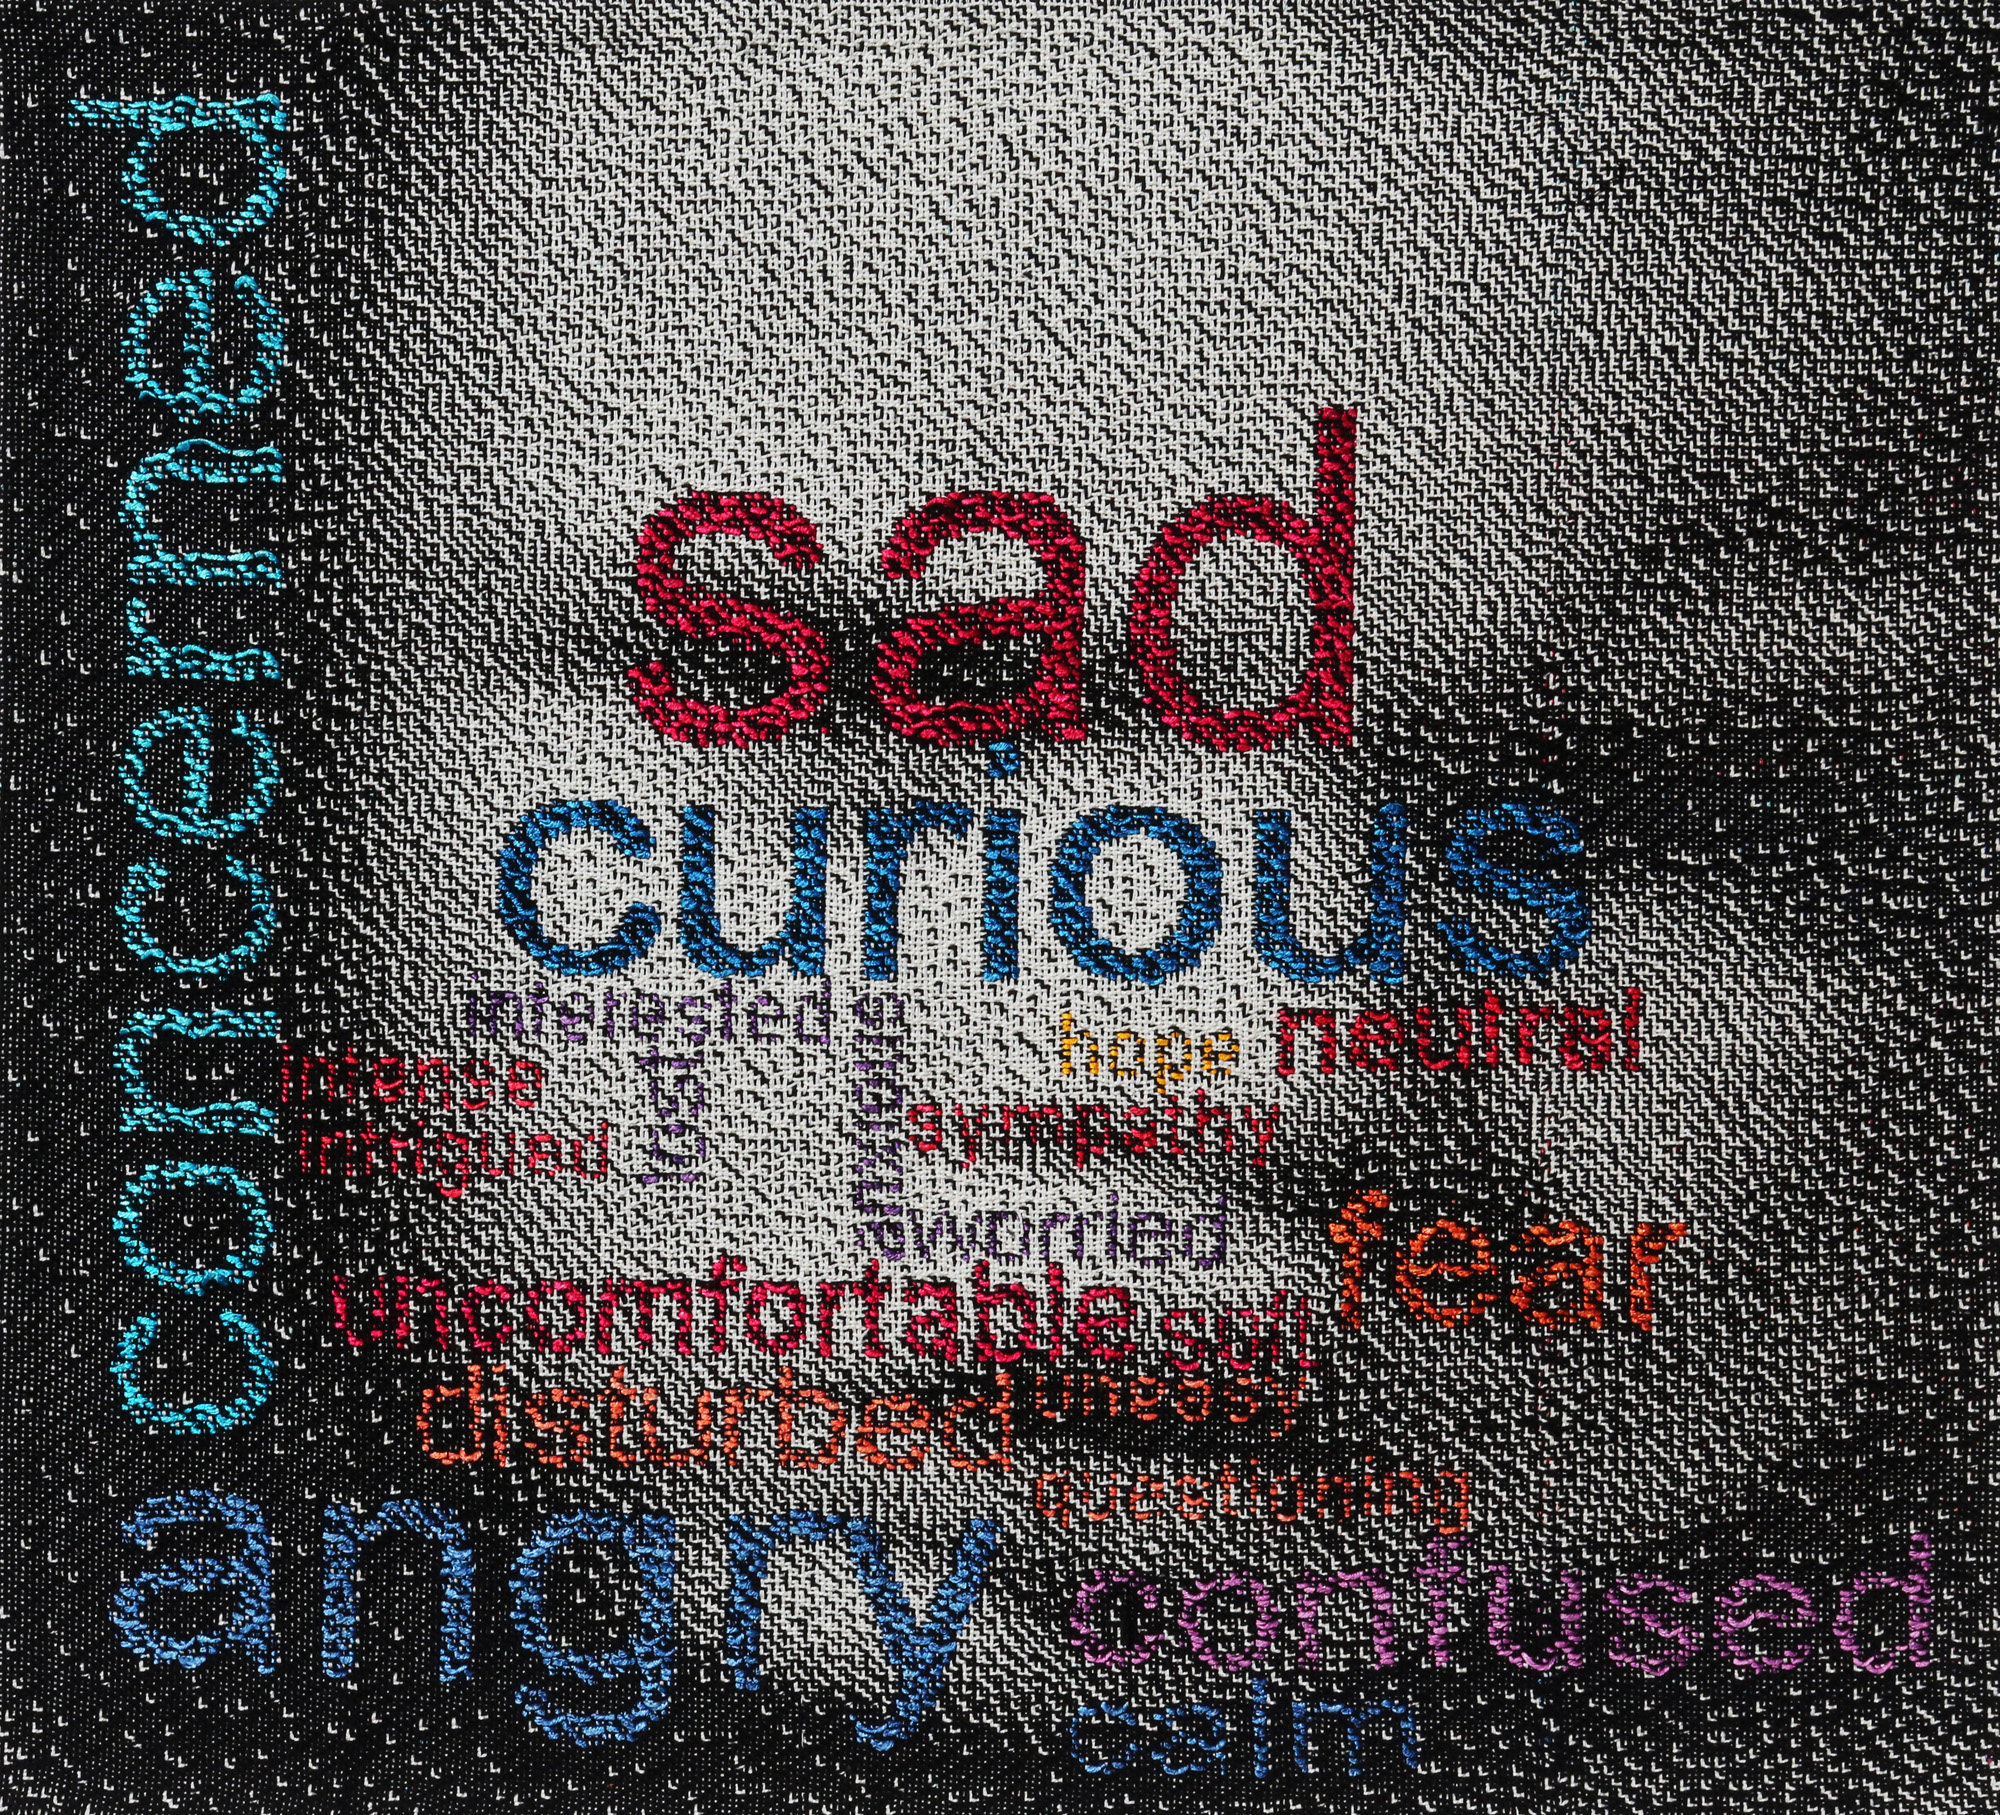 Sad & Curious